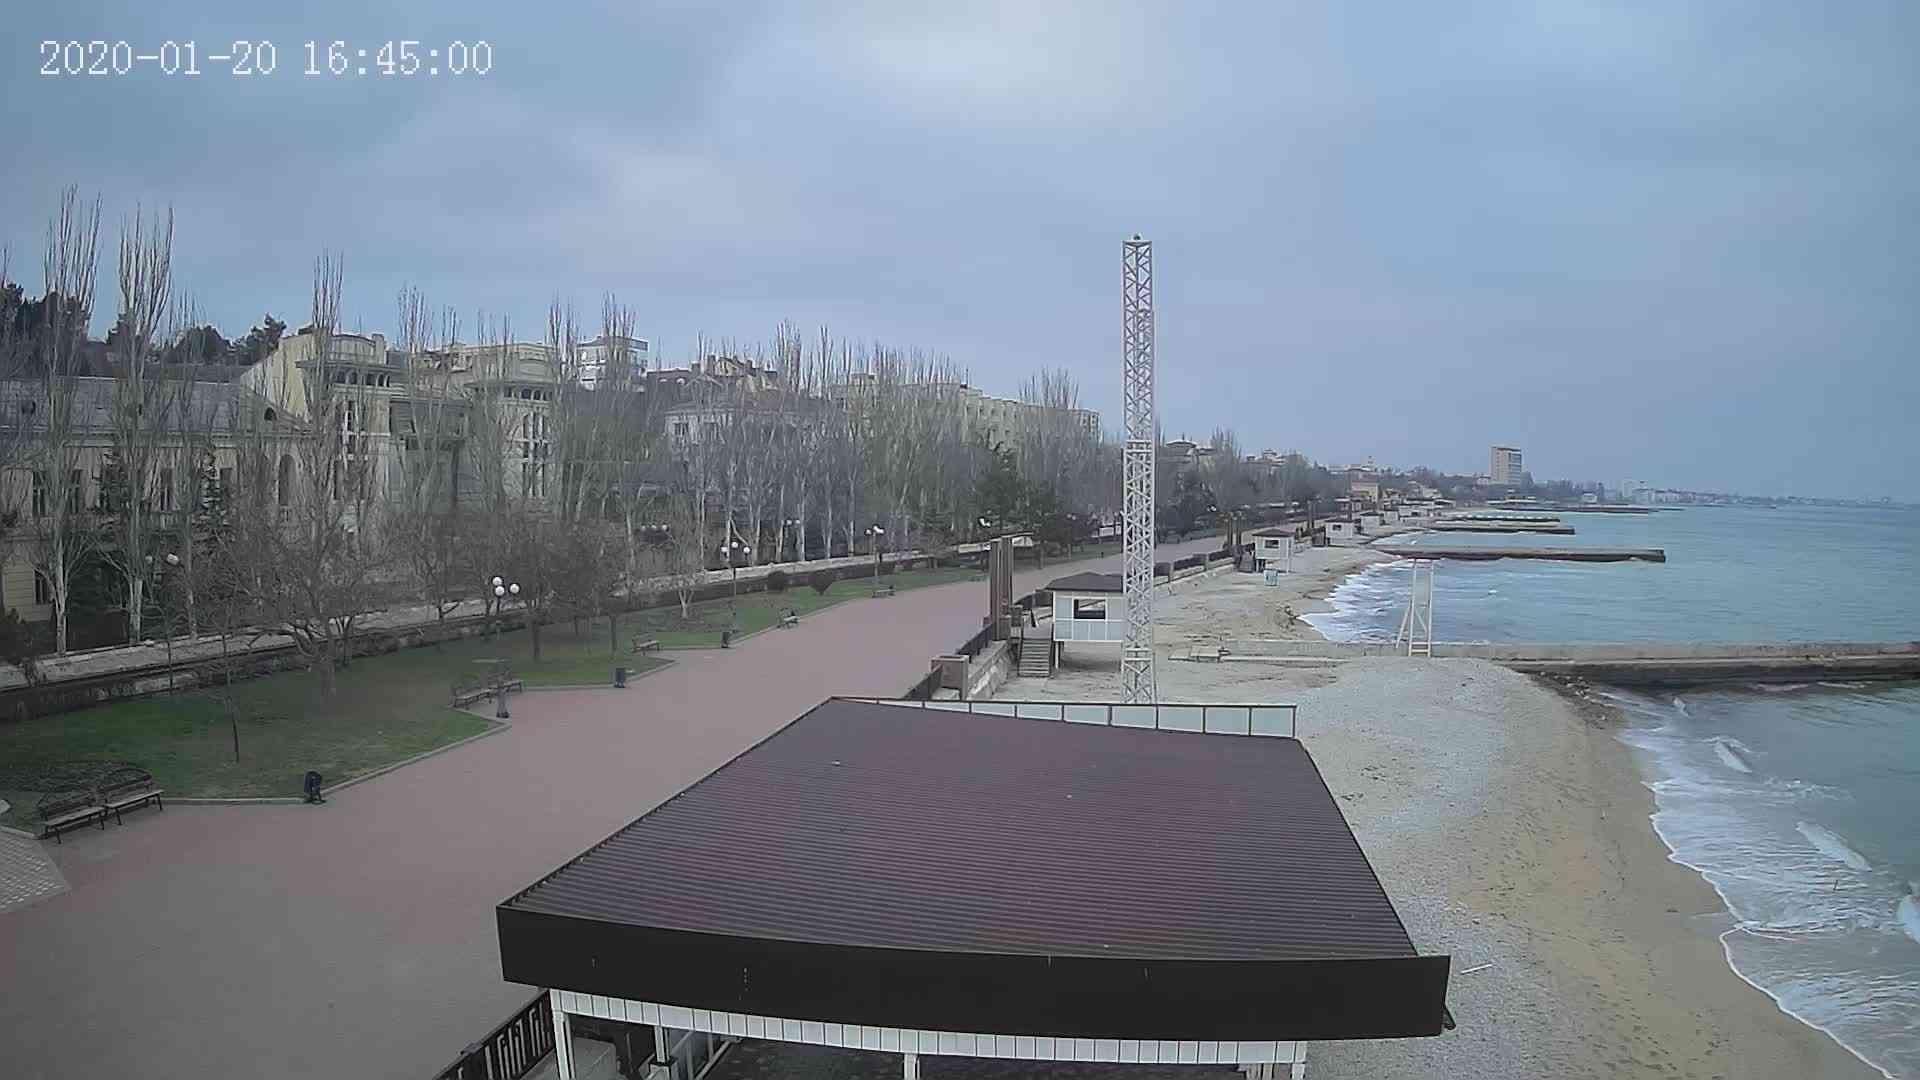 Веб-камеры Феодосии, Пляж Камешки, 2020-01-20 16:45:22